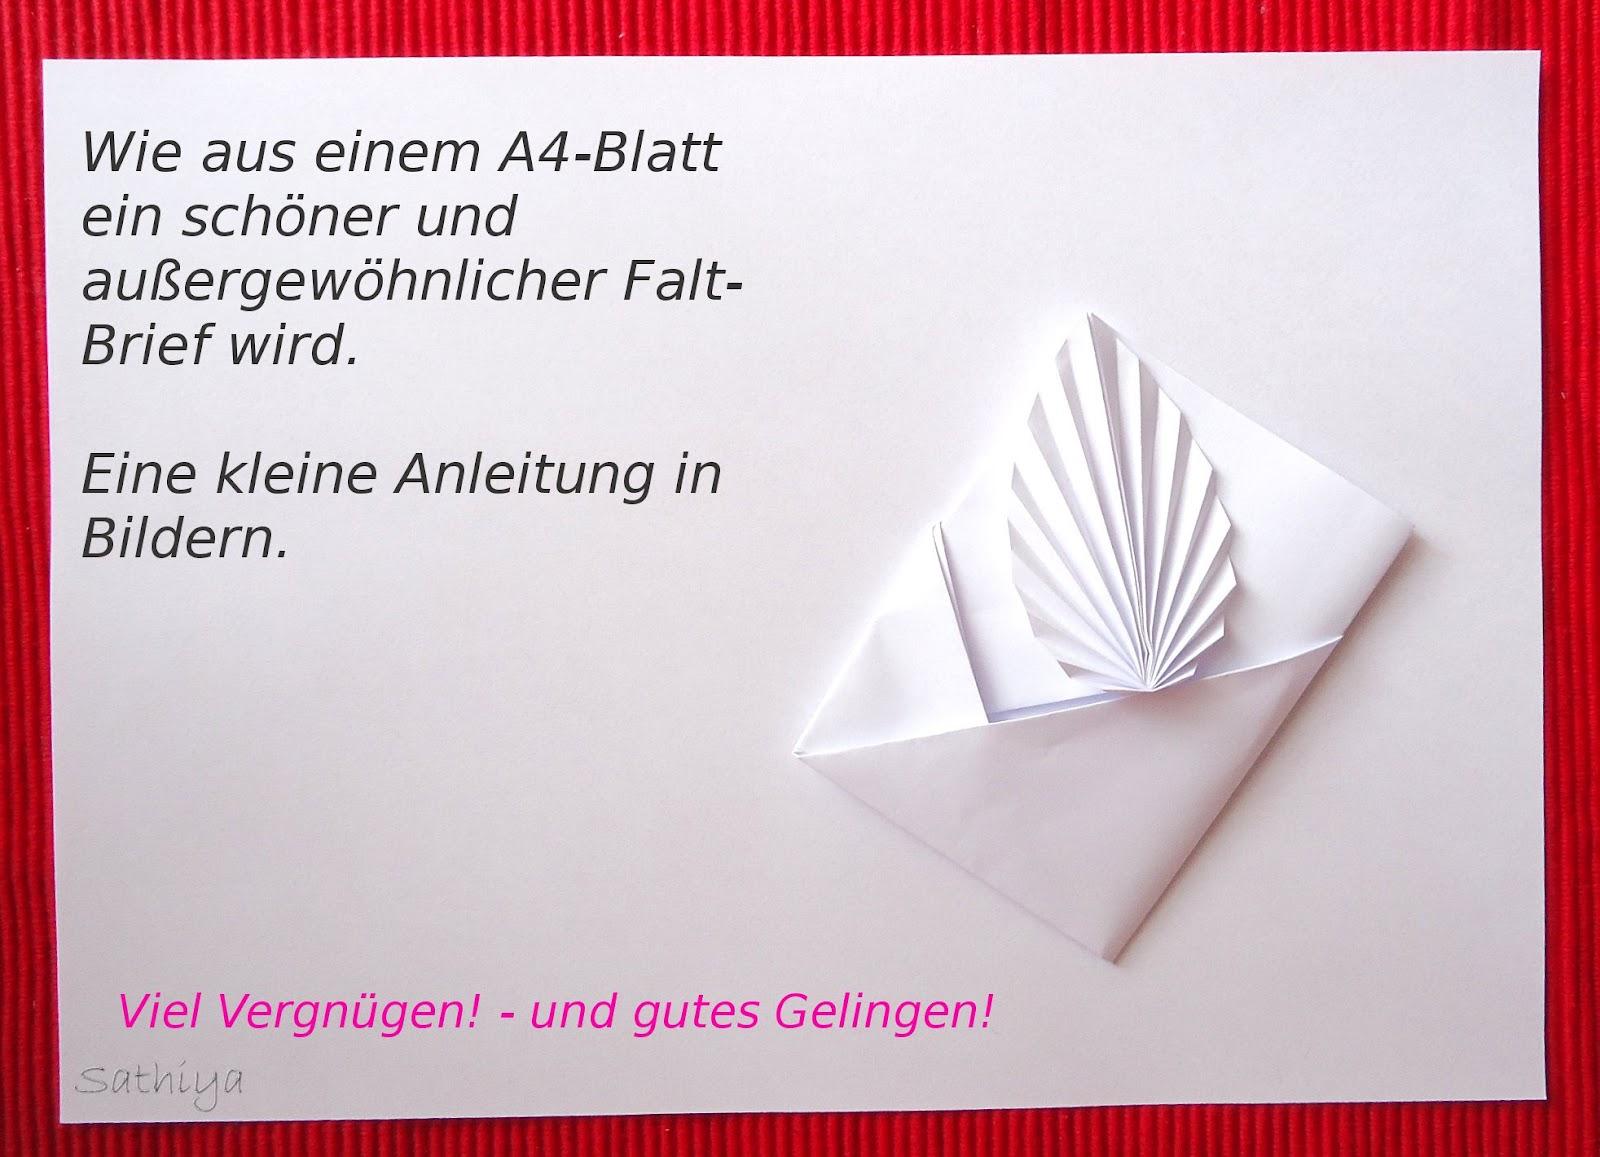 Arten Briefe Zu Falten : Wie samt und seide gefalteter brief origami